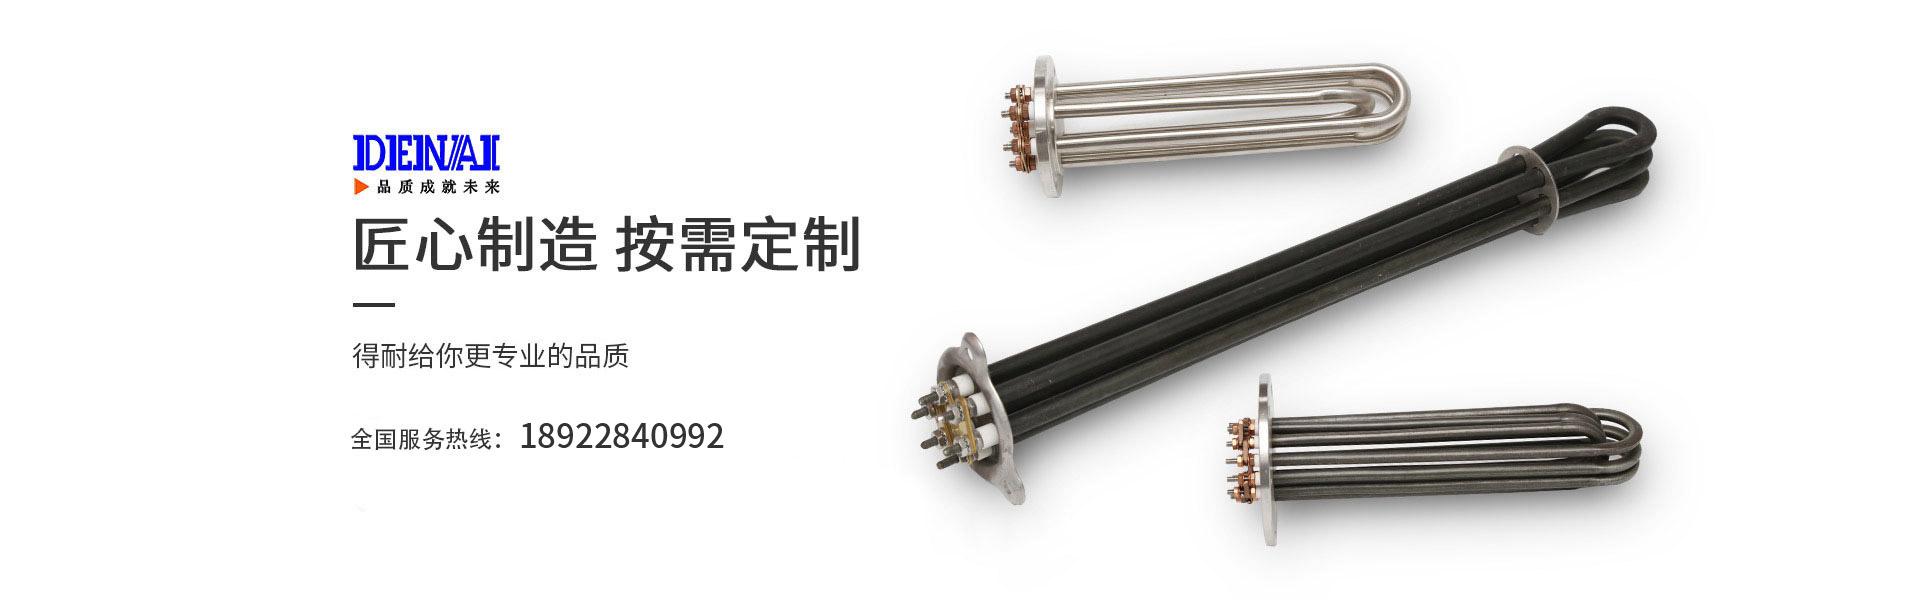 电热管,单头电热管,电热管厂家